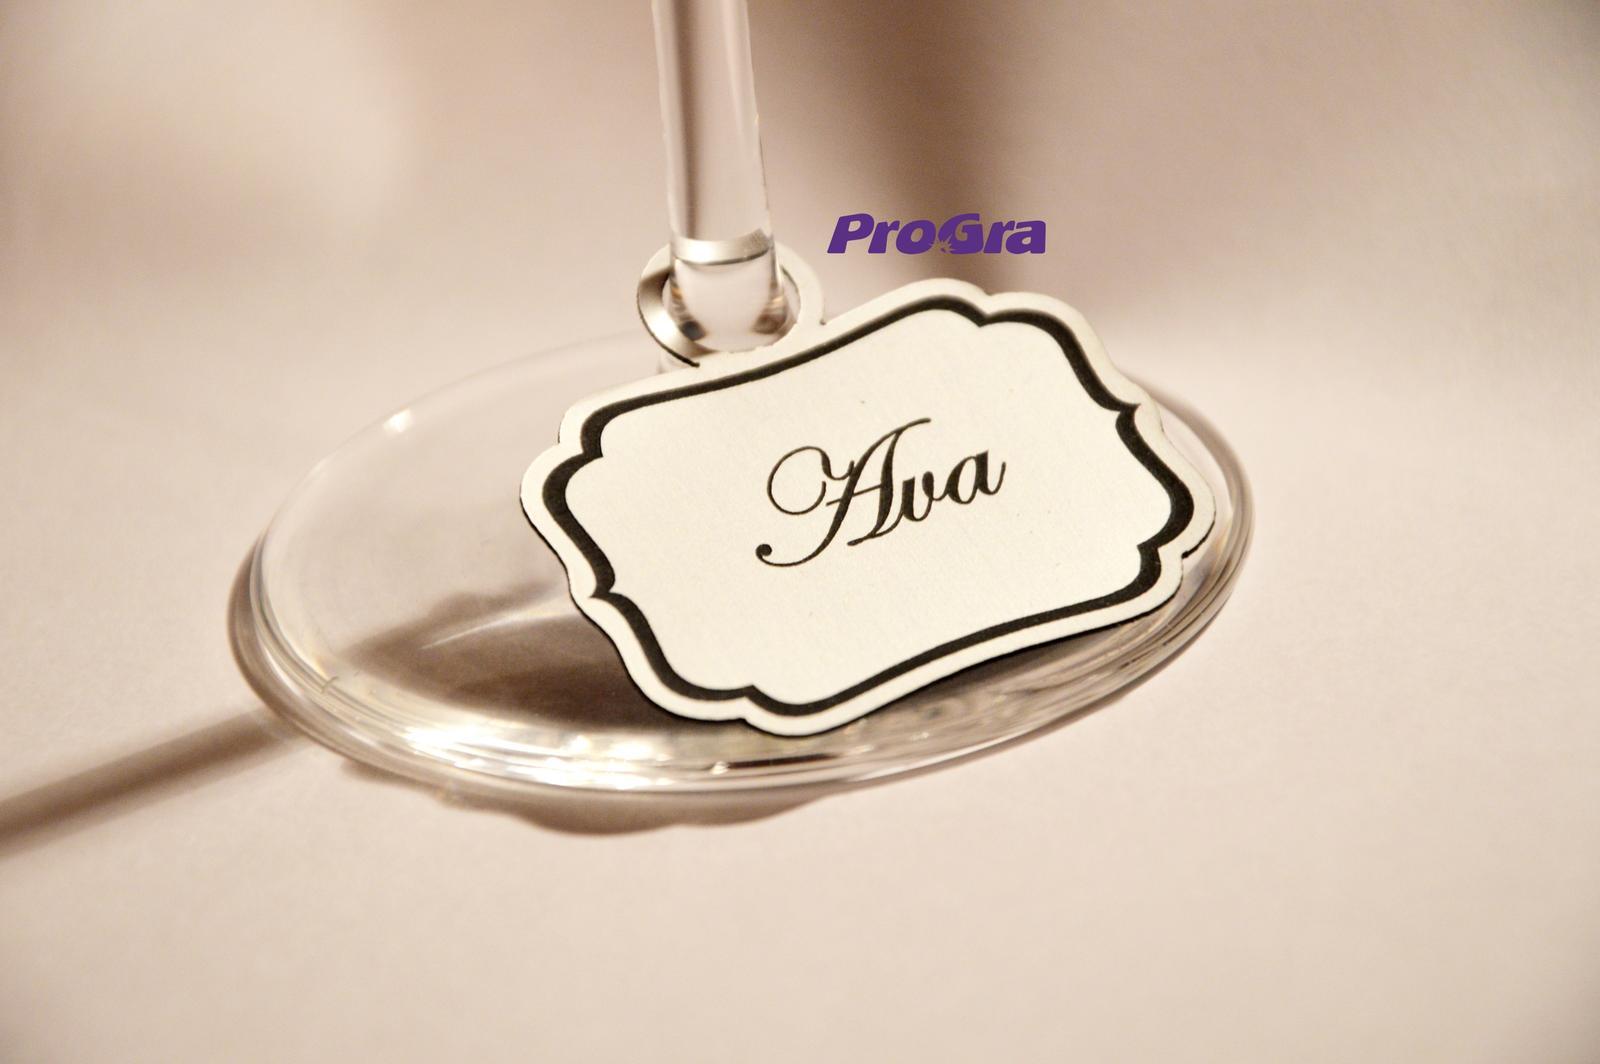 Svatební skleničky - Takto sme mali označené naše poháriky na výstavách a viacerým sa menovky páčili - dali by sa využiť ako zasadací poriadok na svadbe - ak Vás zaujali - radi Vám pripravíme cenovú ponuku na základe želaného počtu ks - napíšte nám: prograsro@gmail.com